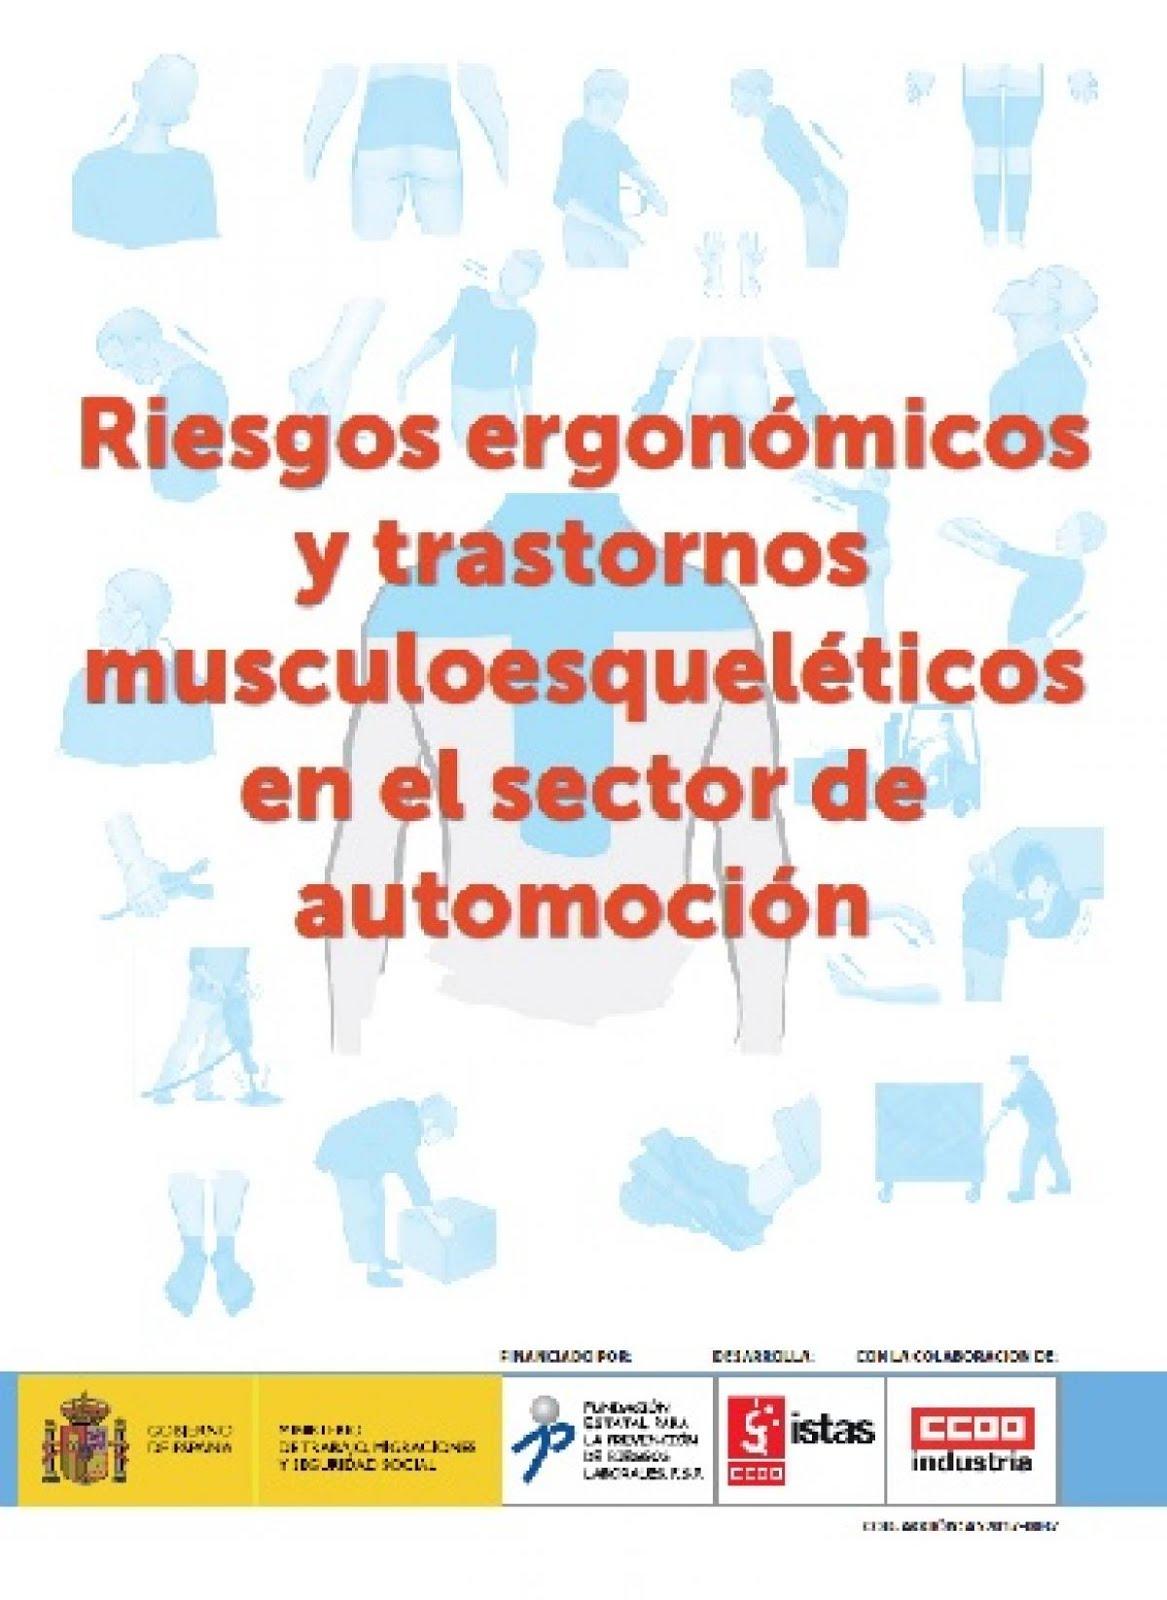 Riesgos ergonomicosy transtornos muscoesqueleticos en el sector de automoción